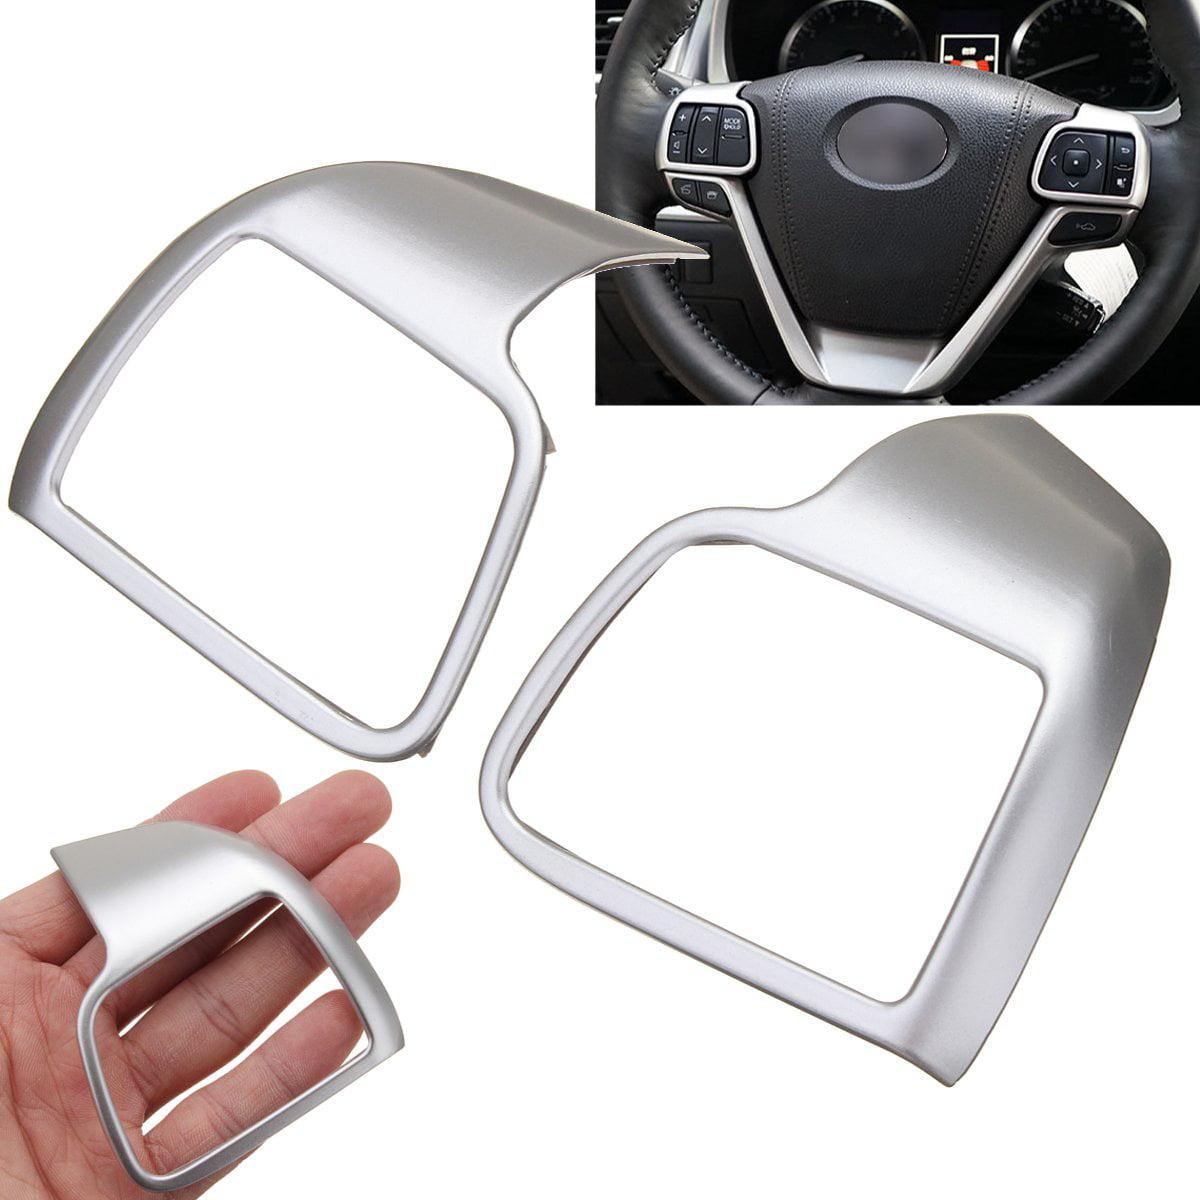 2x Chrome Steering Wheel Cover Molding Garnish chrome For 2014- 2017 Toyota Highlander